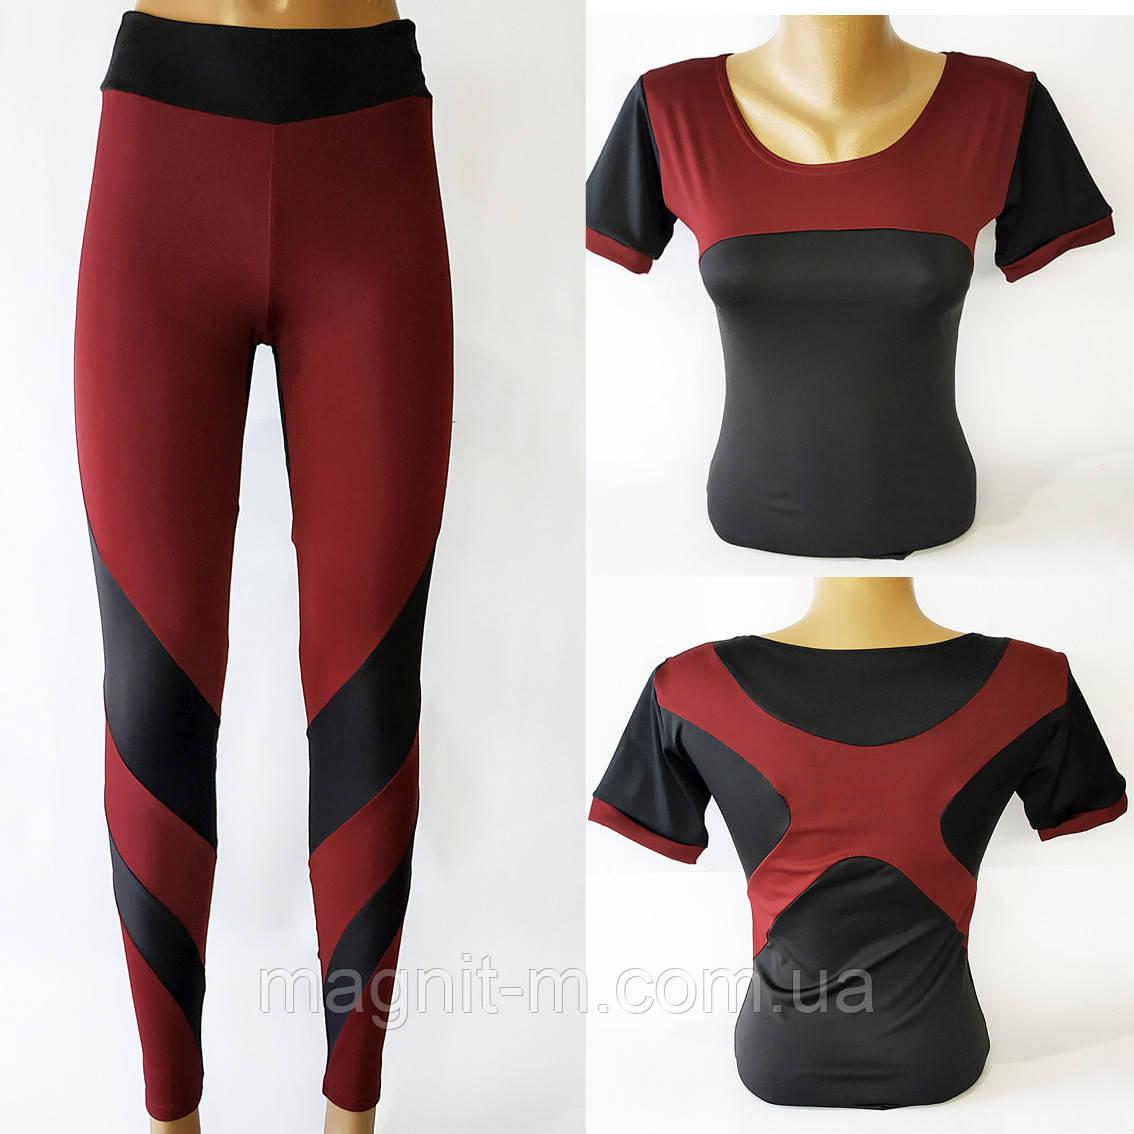 Стильні та зручні комплекти спортивного одягу для фітнесу. Бордовыйс чорним